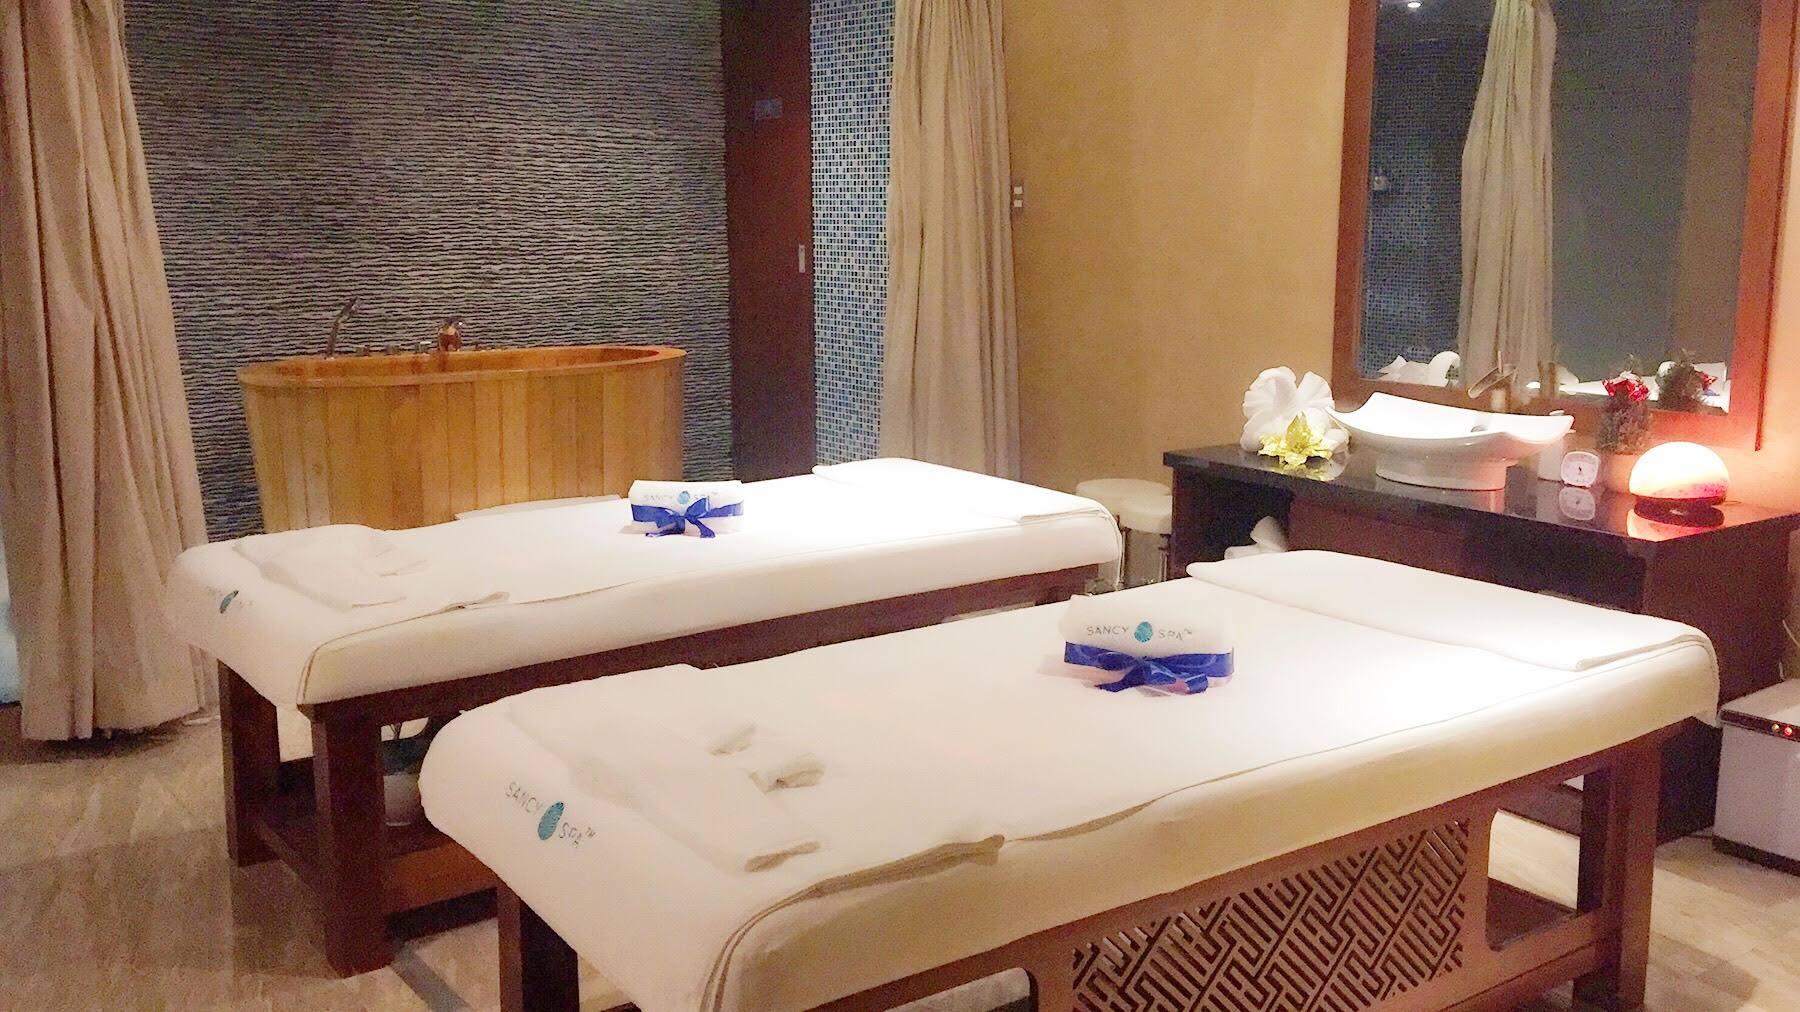 Sancy Spa – Dự án spa nghỉ dưỡng với 6 bồn Jacuzzi do Mai Hân Spa cung cấp hình ảnh 5